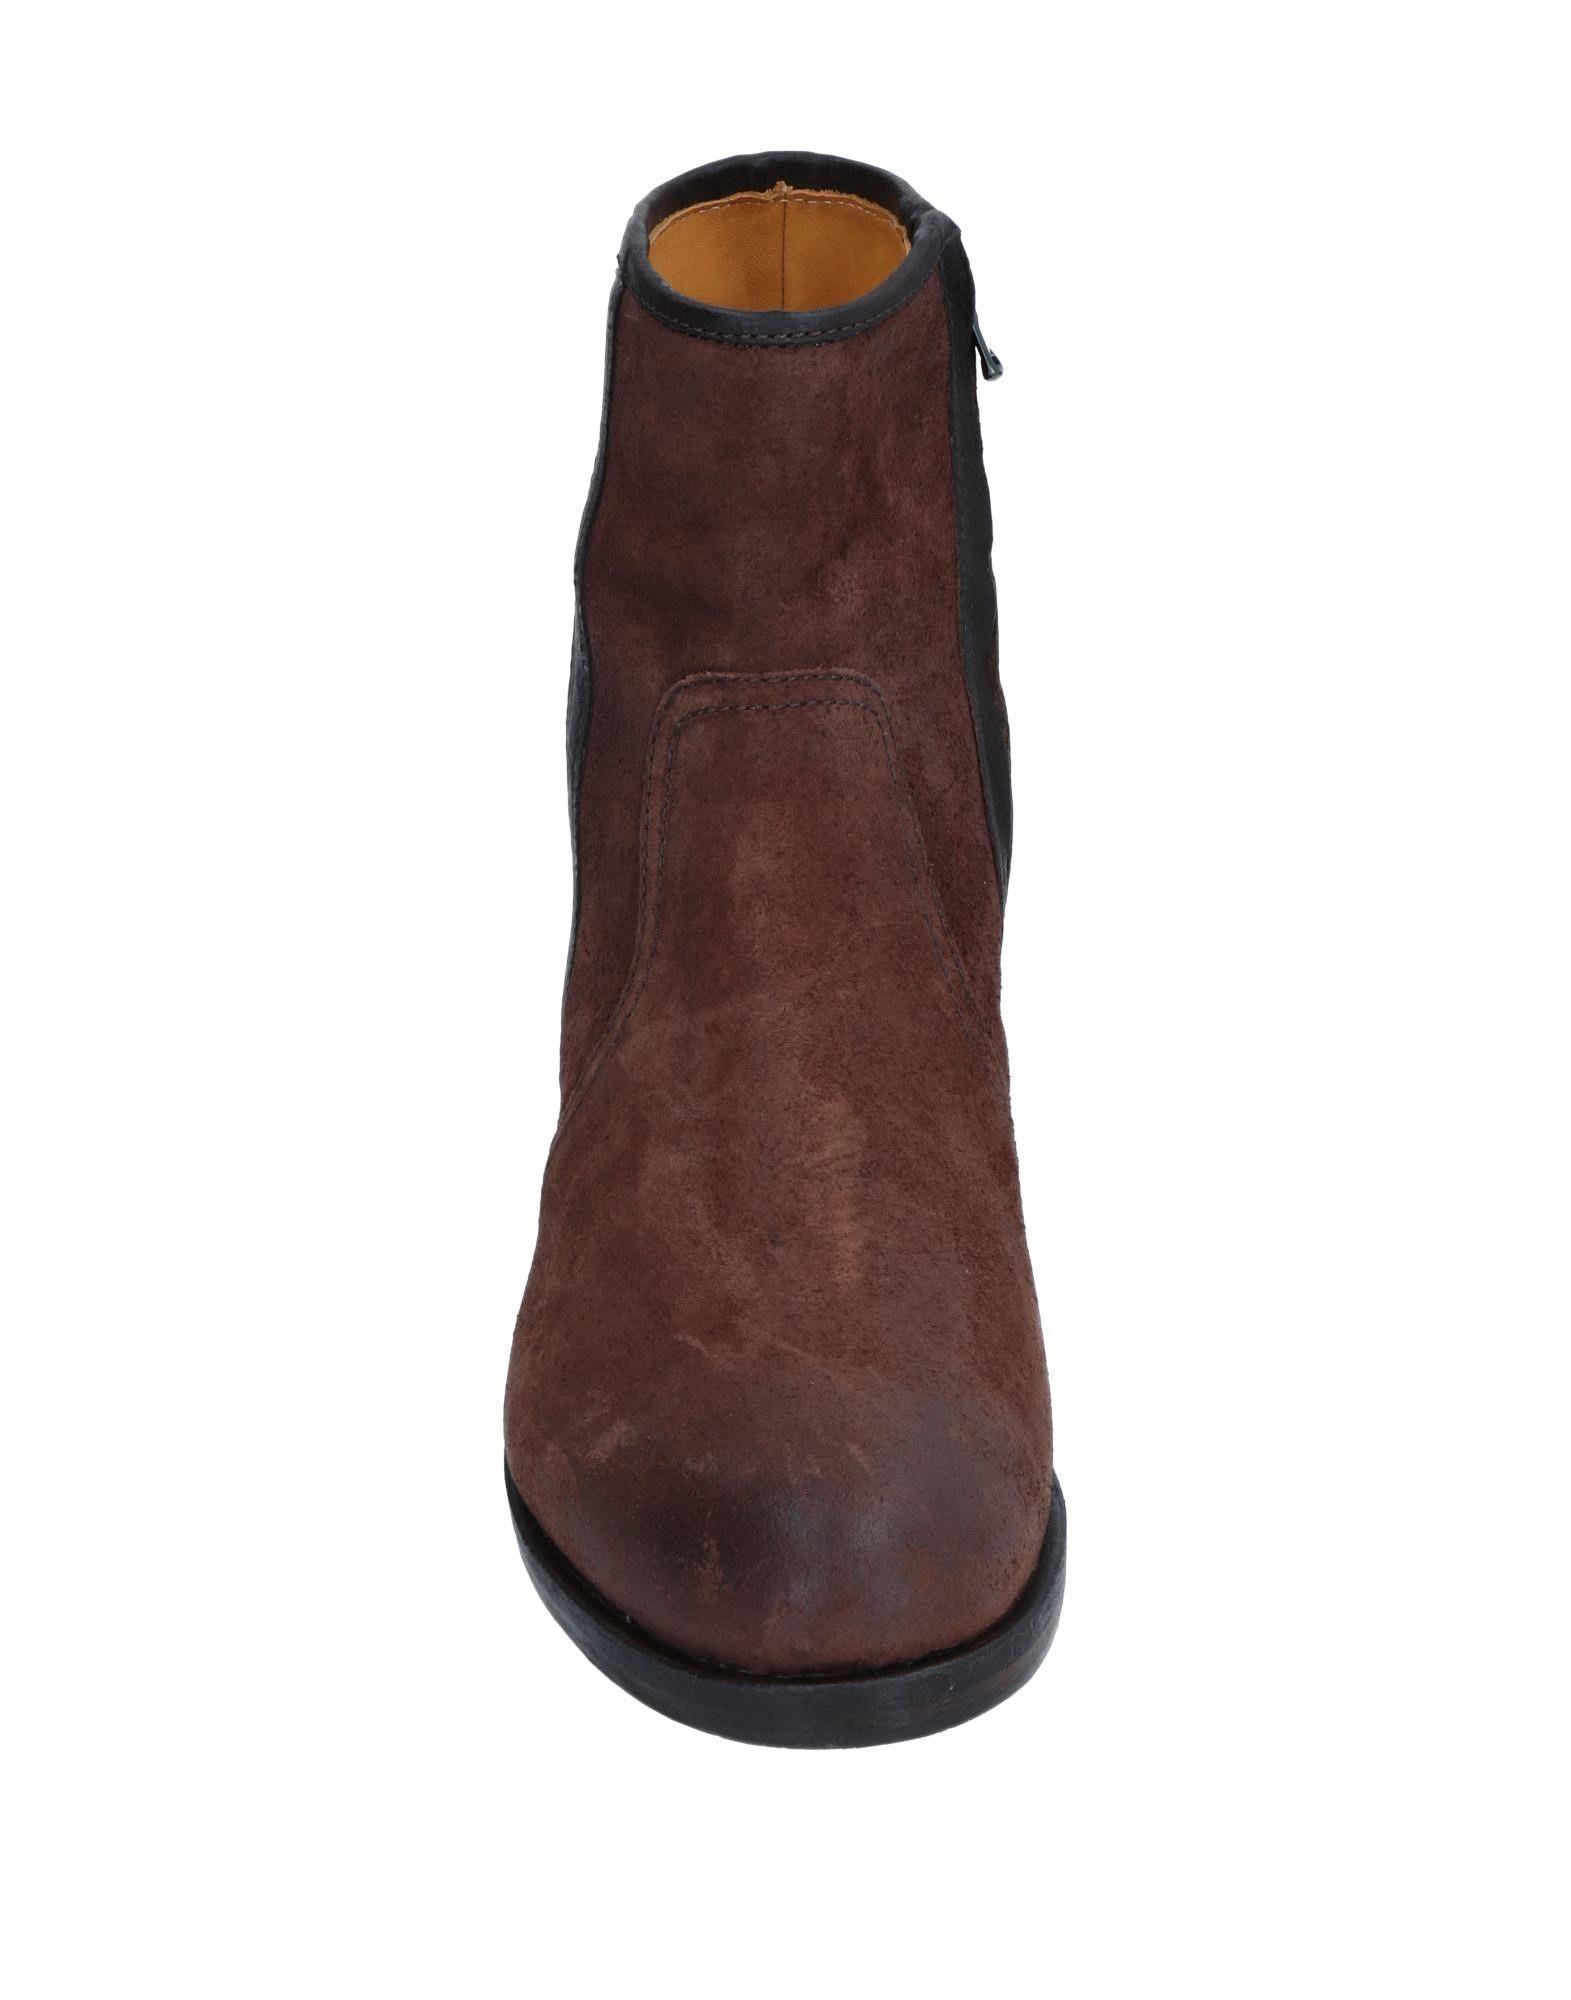 El Campero Stiefelette Herren  11544642SO Gute Qualität beliebte Schuhe